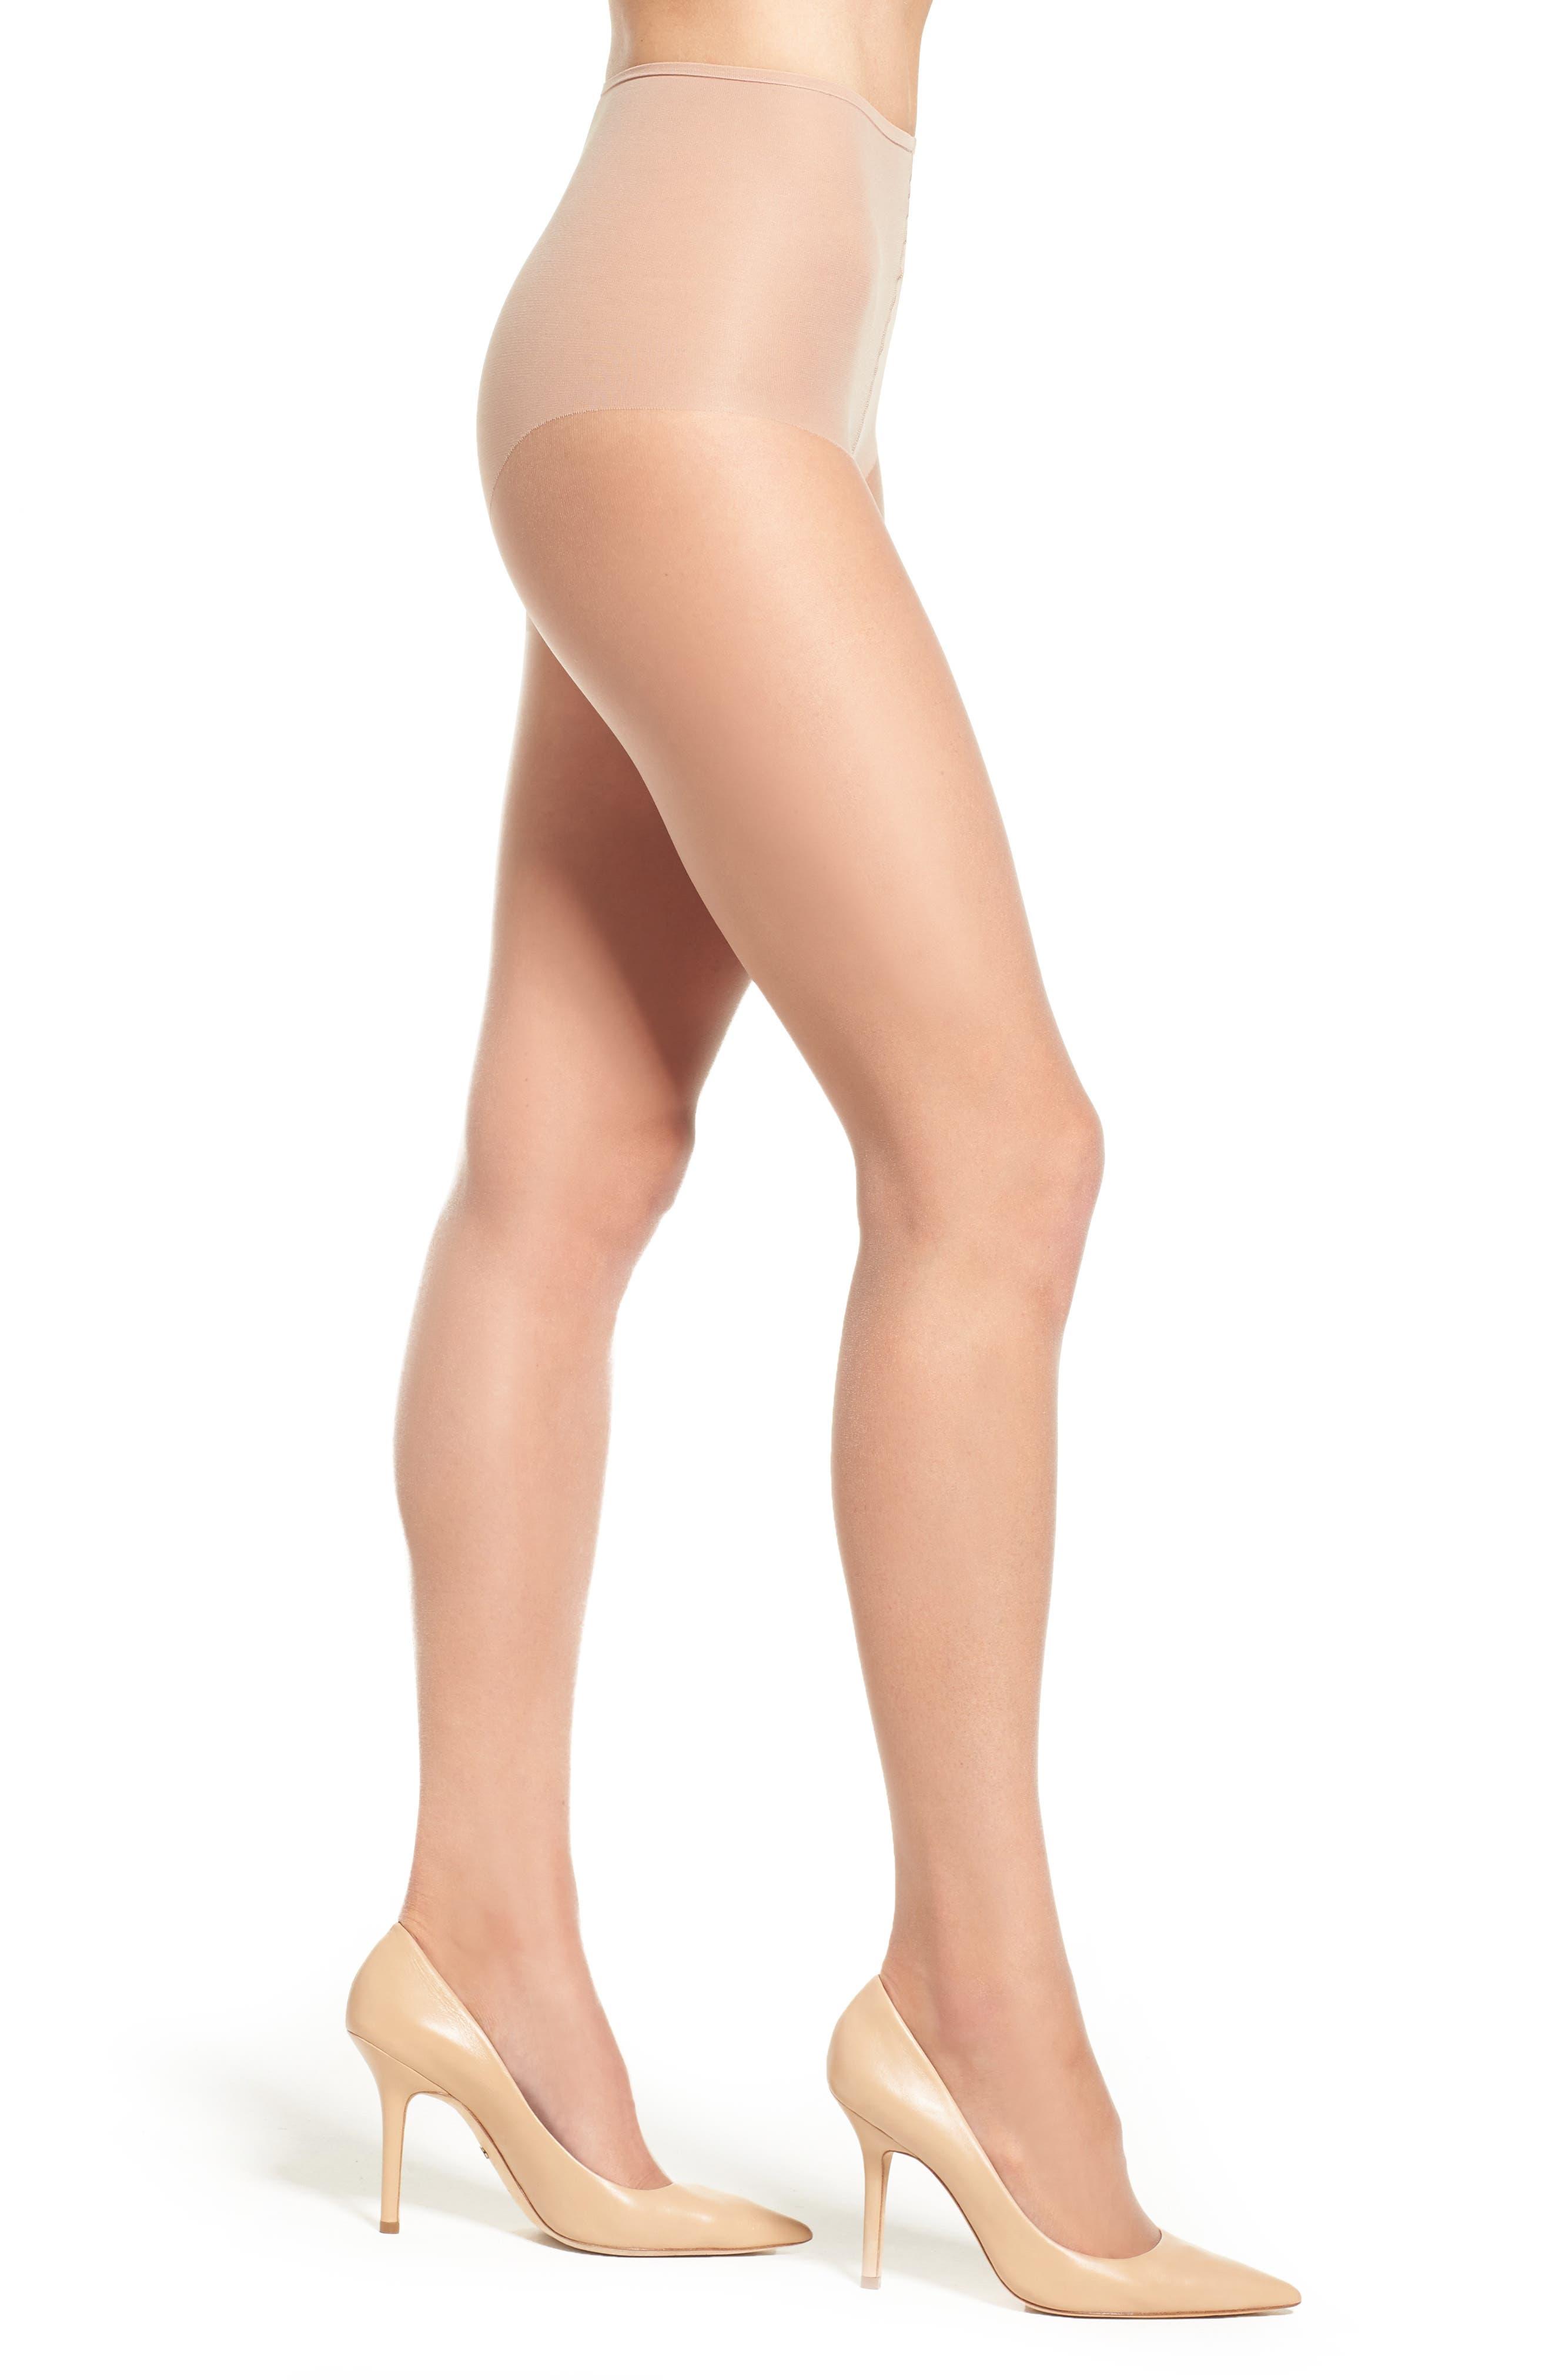 Image of Donna Karan Beyond The Nudes Control Top Pantyhose